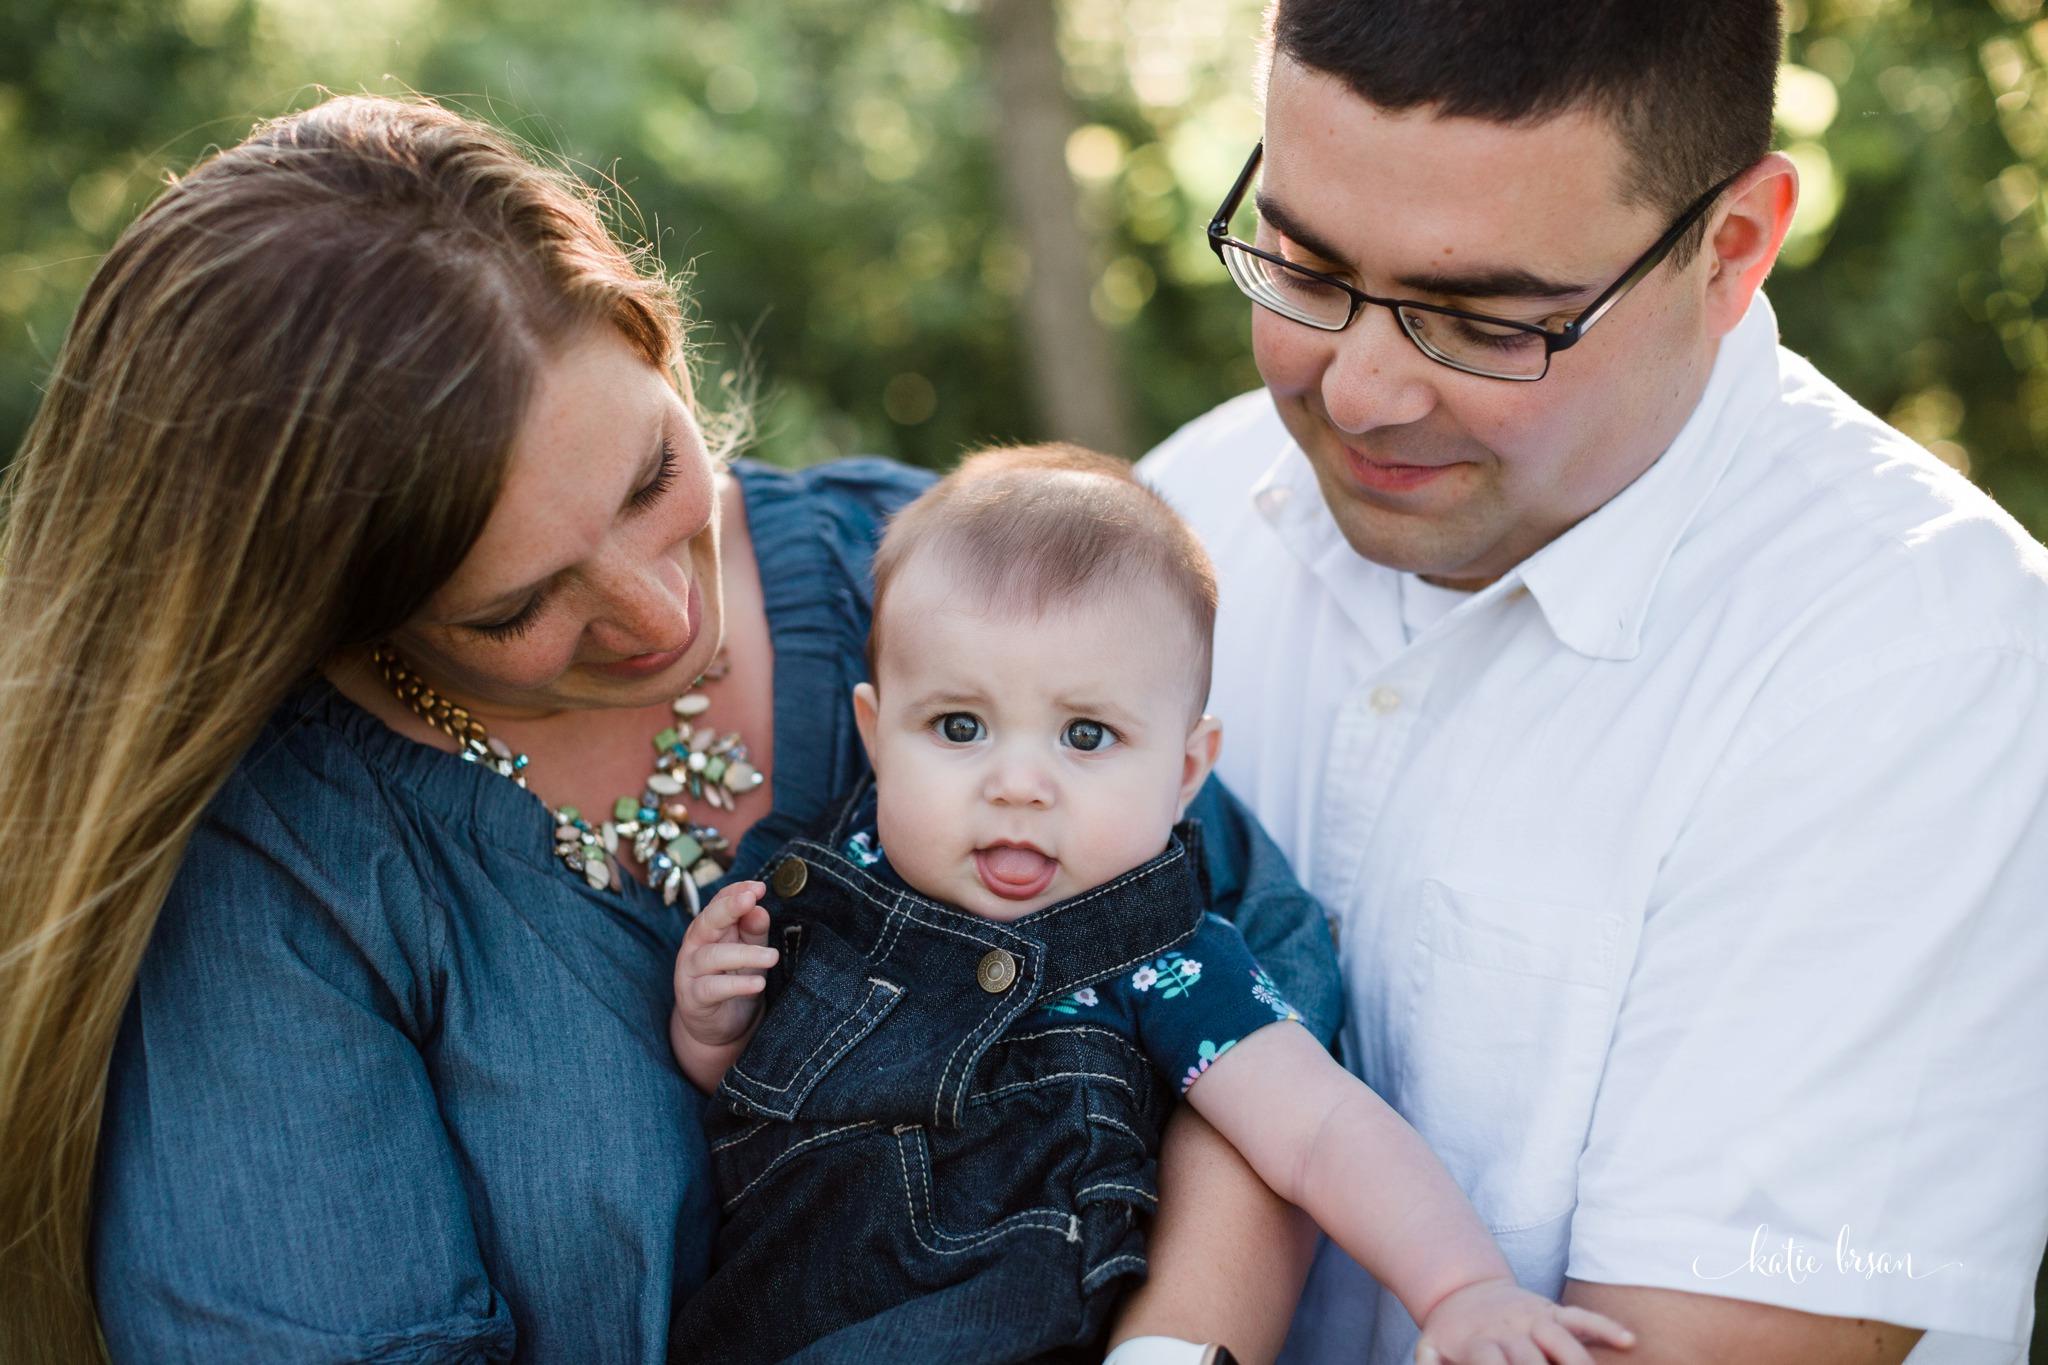 mokena-family-photographer_0038.jpg